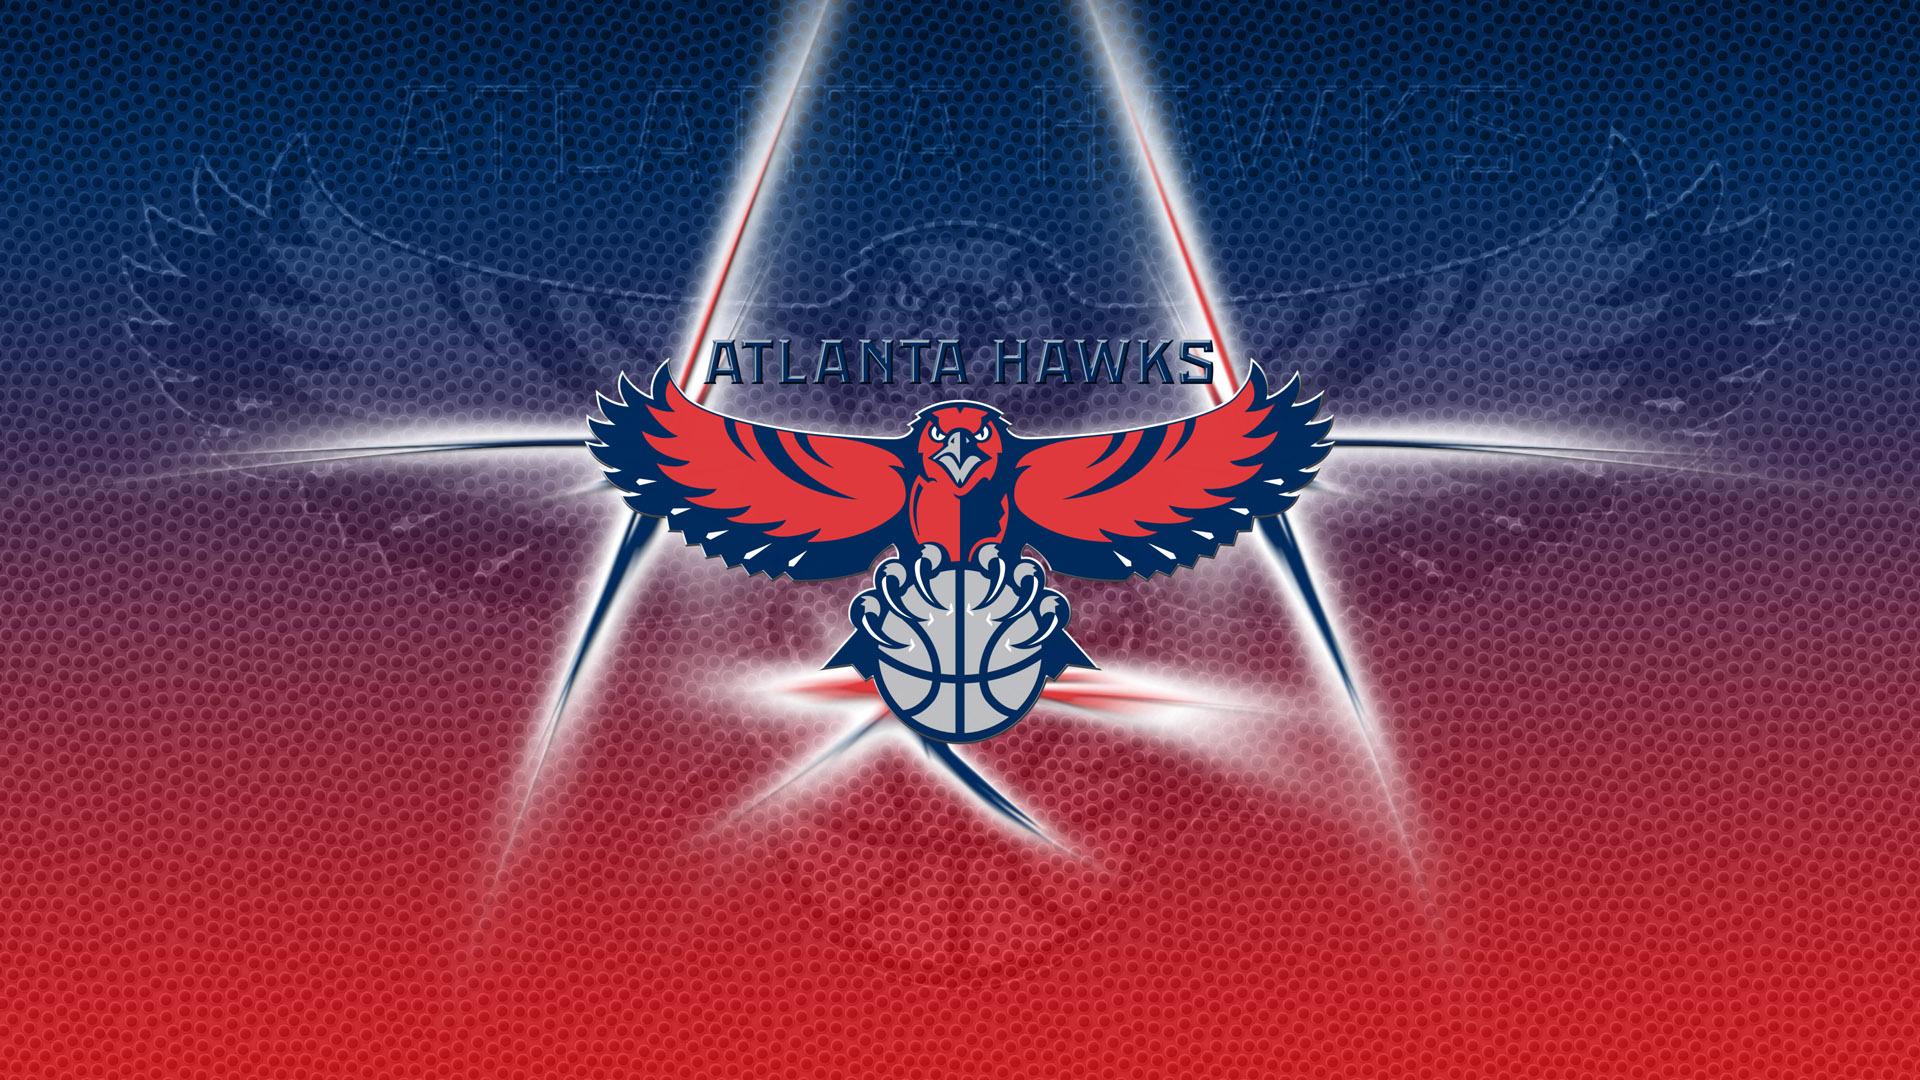 Atlanta Hawks Hd Wallpaper